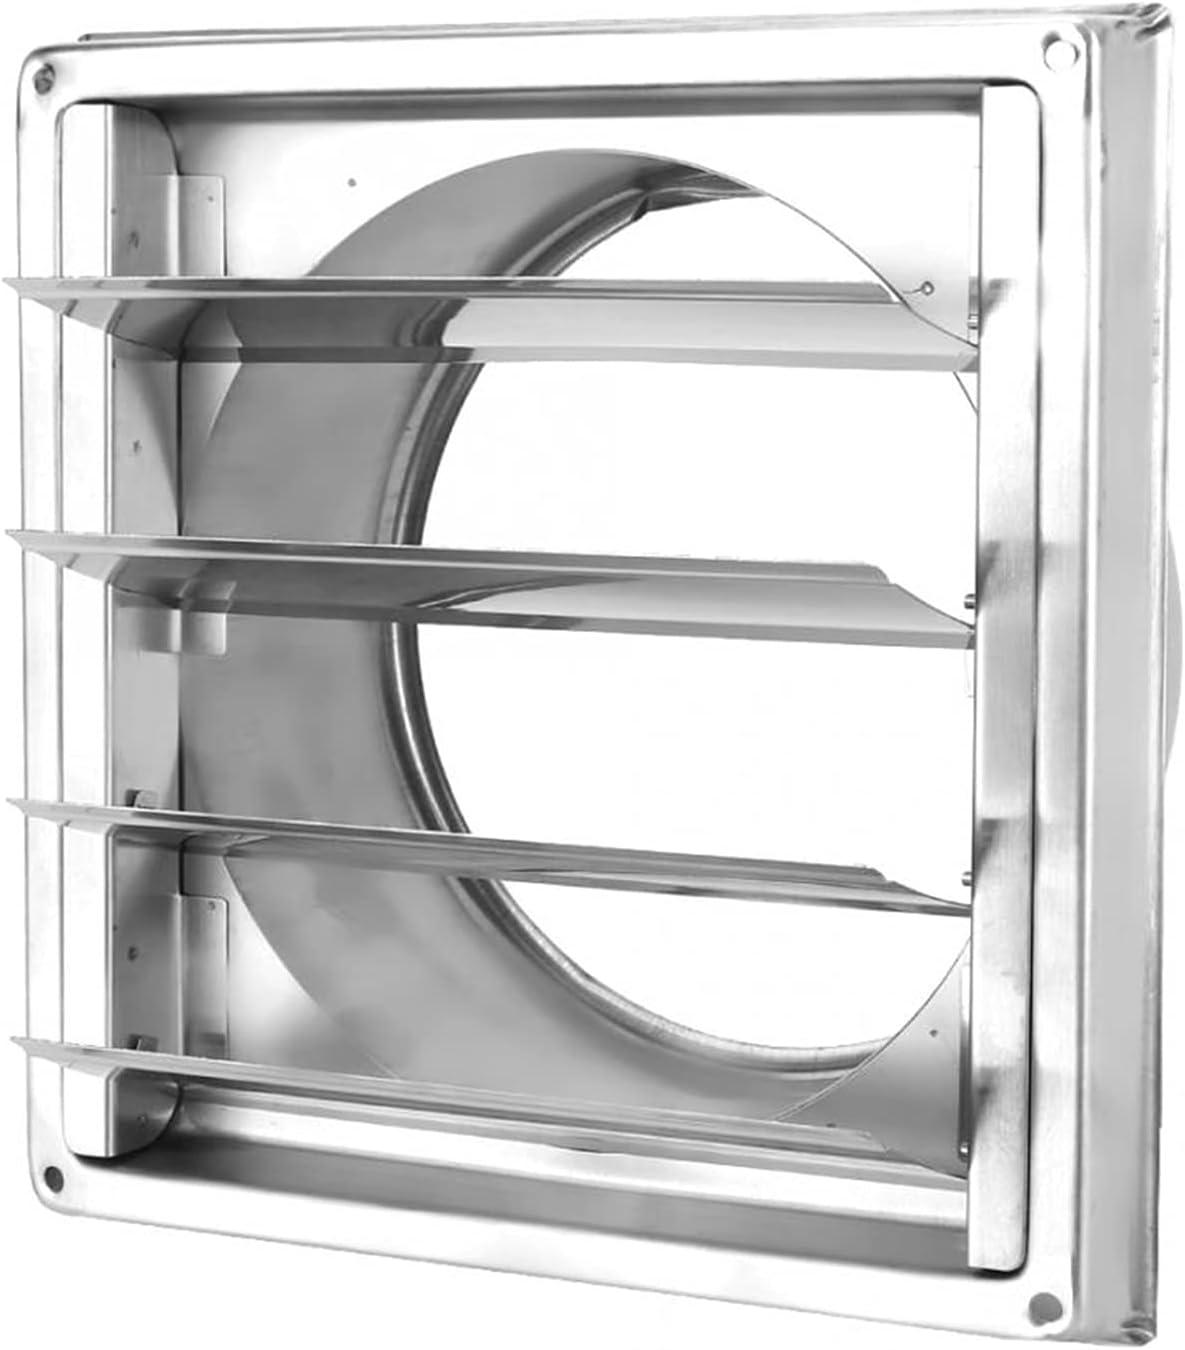 FENGFENG Sun Can 150 mm Acero Inoxidable ventilación de Aire Parrilla a Prueba de Viento Impermeable Impermeable Salida de Aire Extractor de Salida de Aire ventilación ventilación